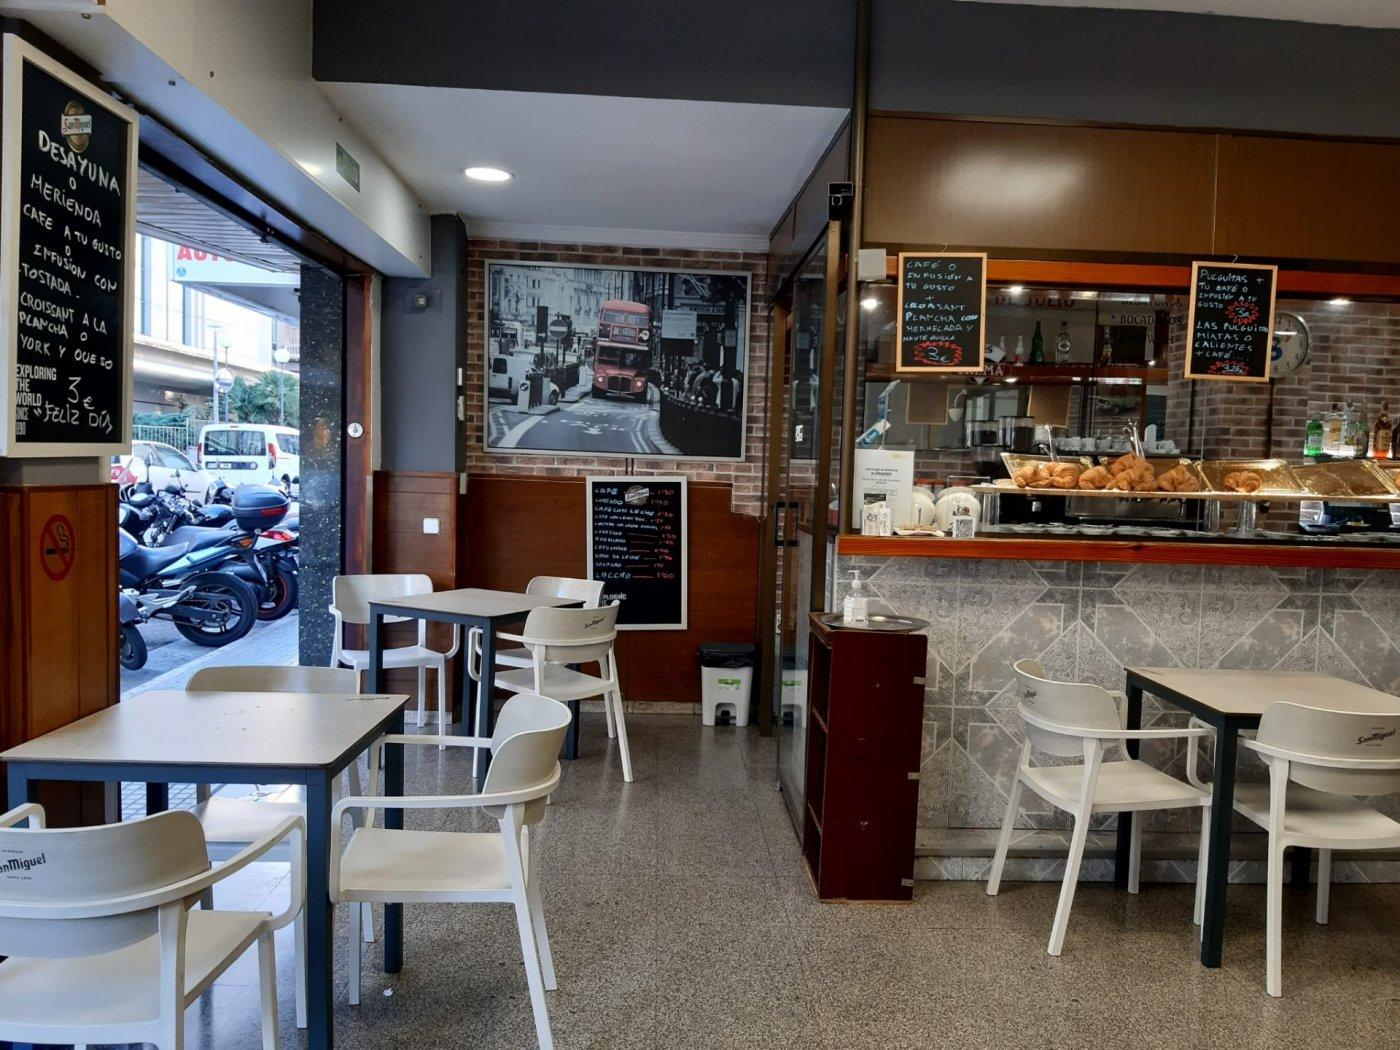 Oportunidad de traspaso de bar en excelente ubicación. centro de palma - imagenInmueble1